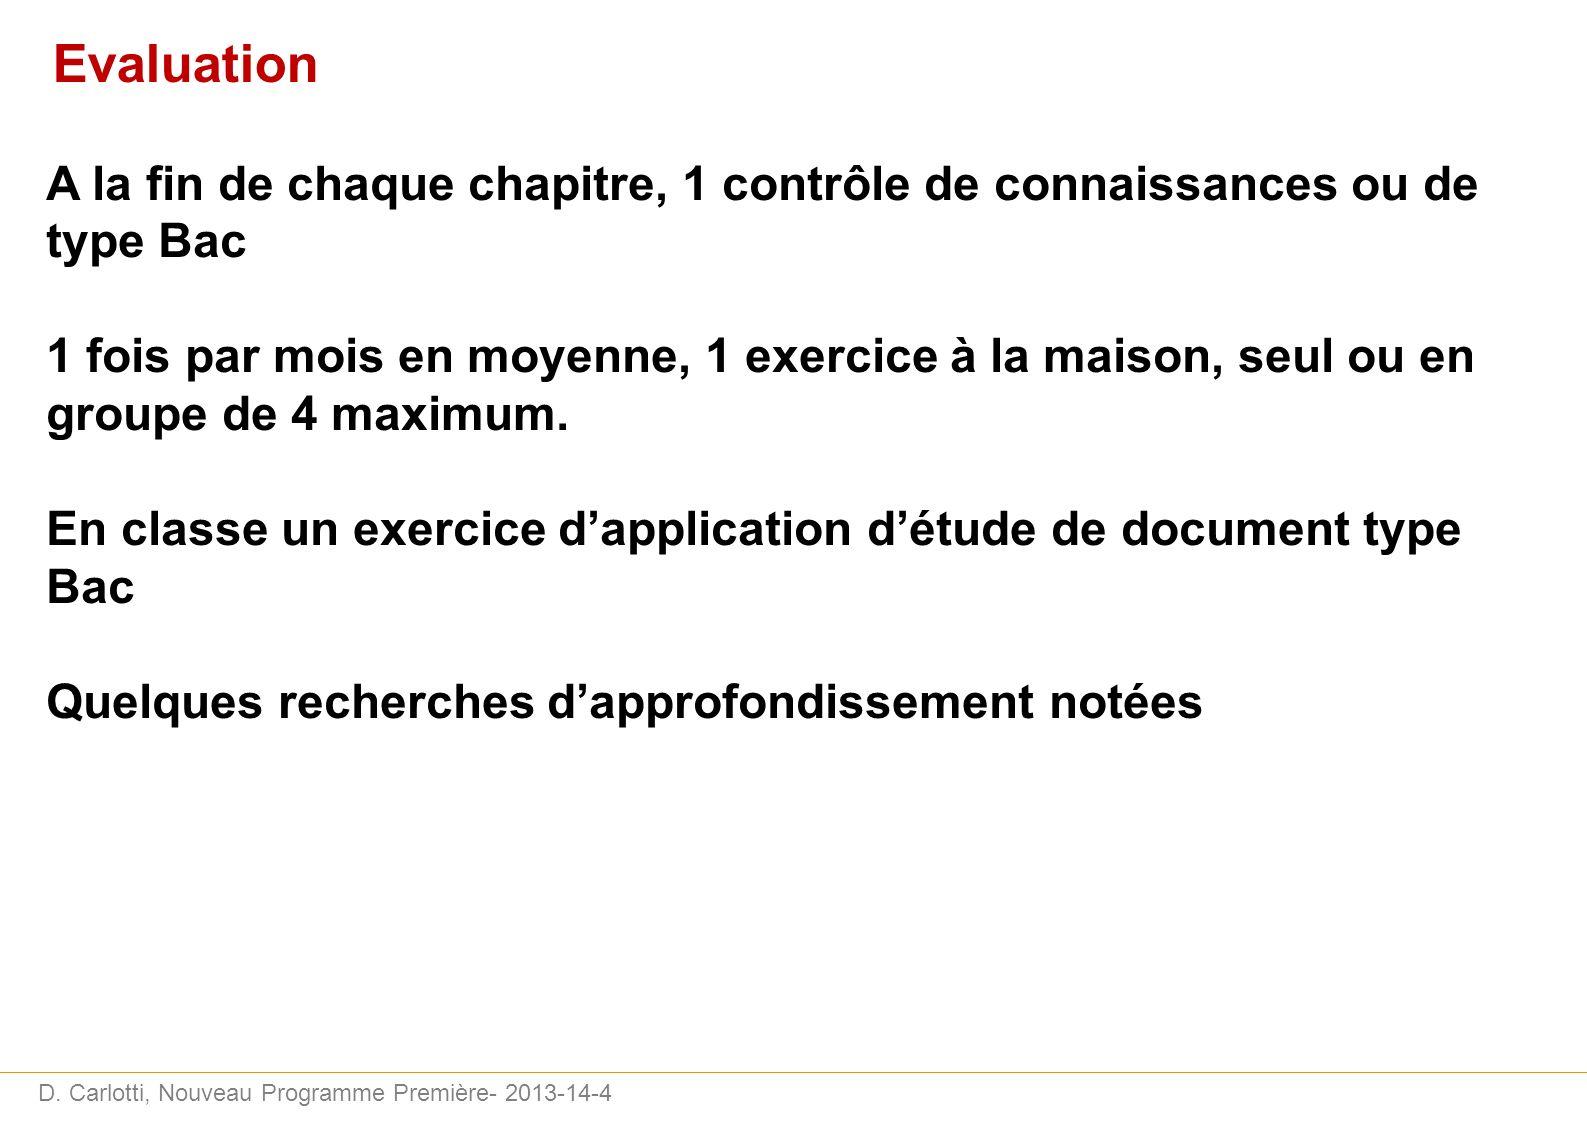 D. Carlotti, Nouveau Programme Première- 2013-14-4 Evaluation A la fin de chaque chapitre, 1 contrôle de connaissances ou de type Bac 1 fois par mois